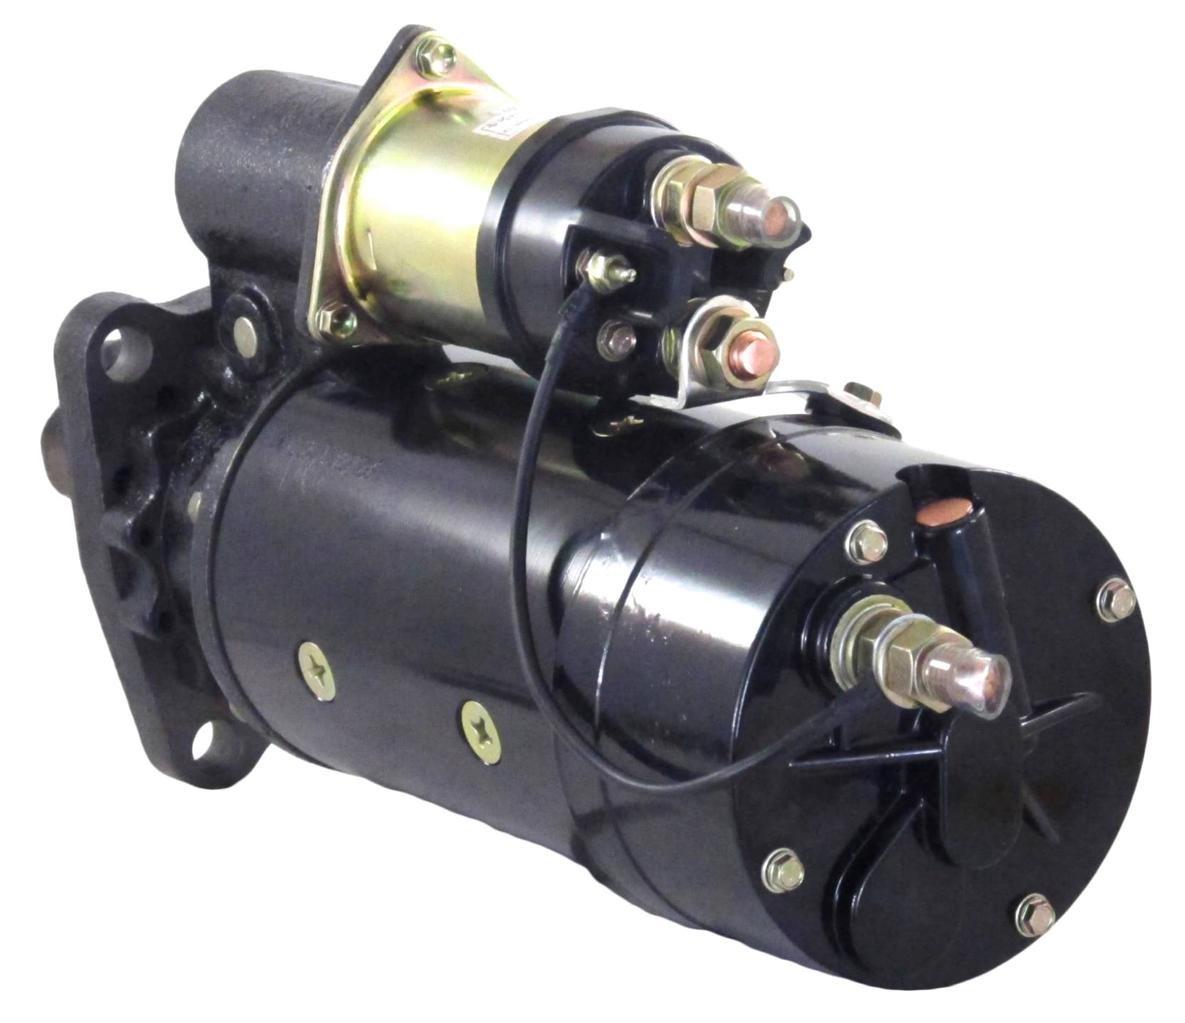 Cat 3208 starter motor wiring diagram cat 3208 alternator for Caterpillar 3406 starter motor